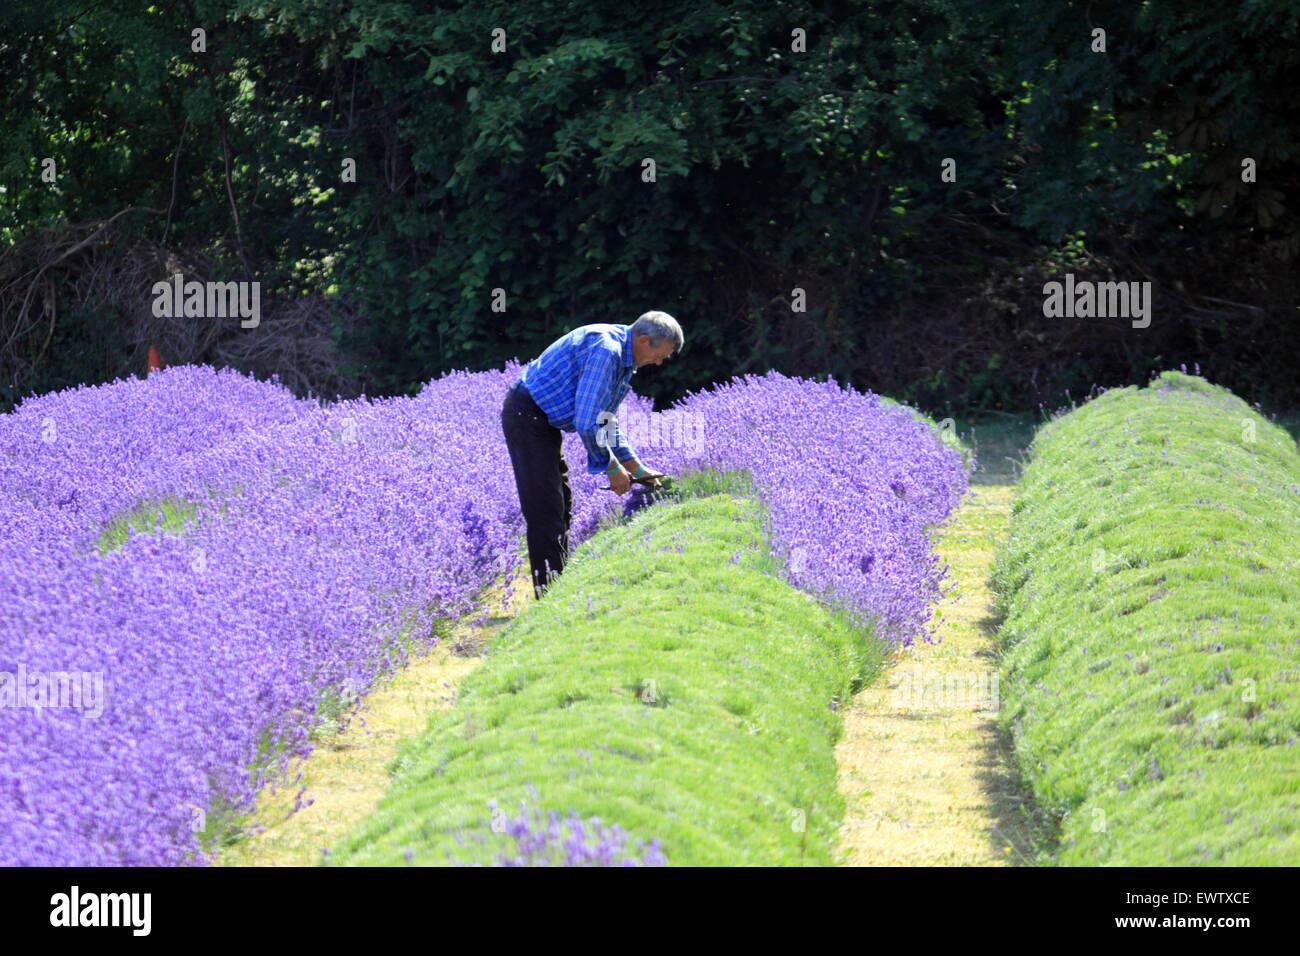 La recogida de la cosecha en Mayfield Lavanda, Croydon Lane, Banstead, Surrey, Reino Unido. Imagen De Stock